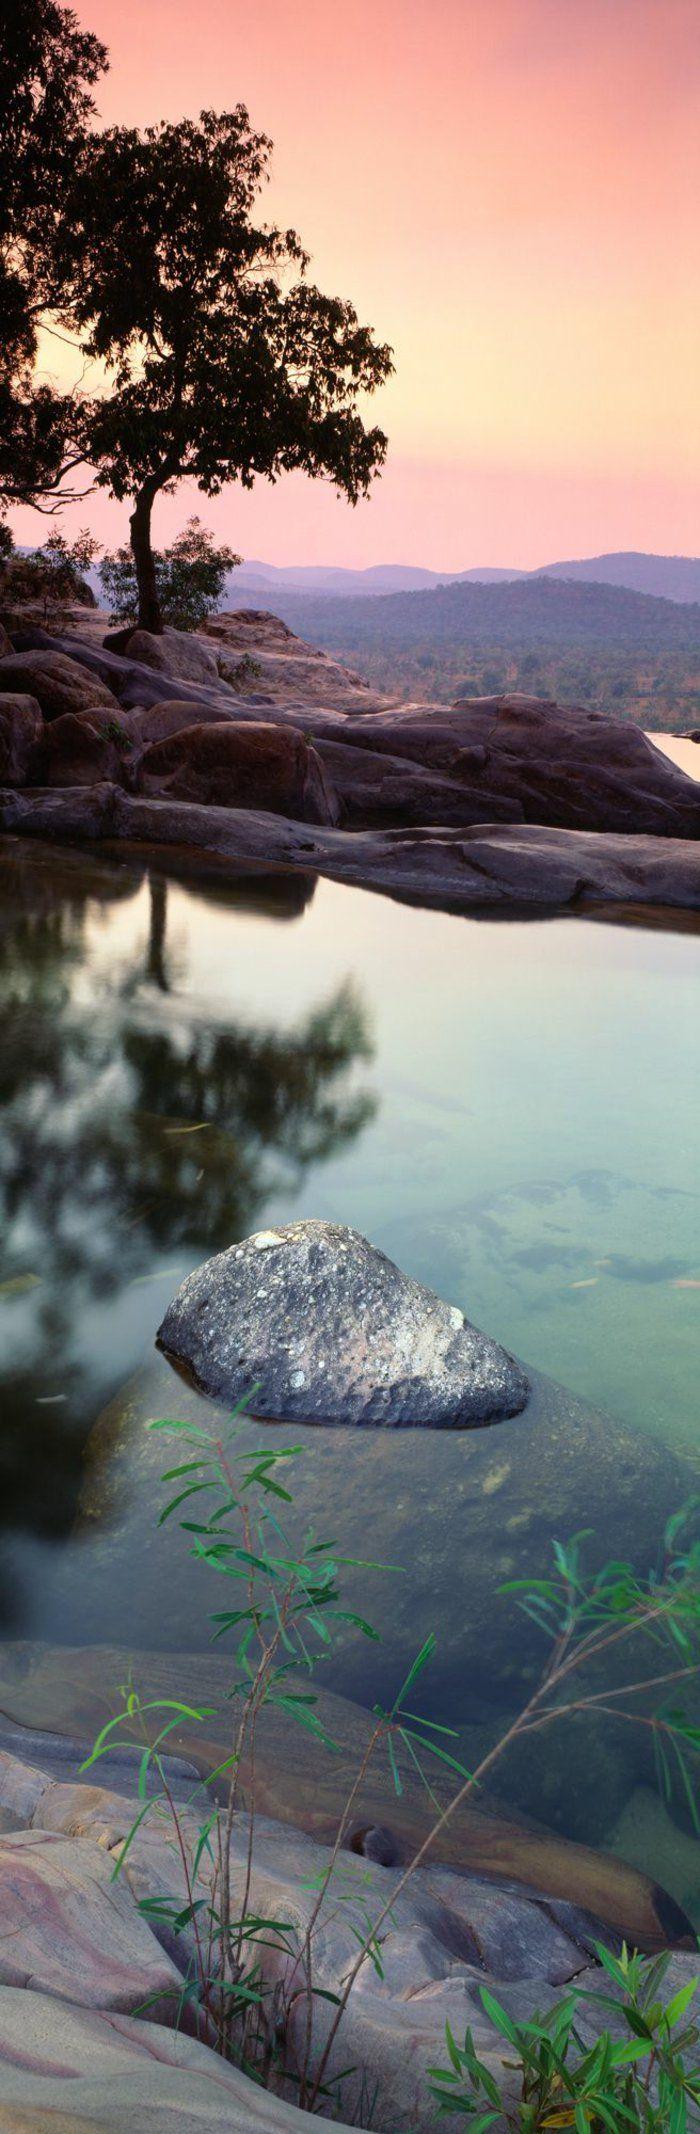 Phone & Celular Wallpaper : un joli paysage montagne pour votre fond ecran gratuit a telecharger ...